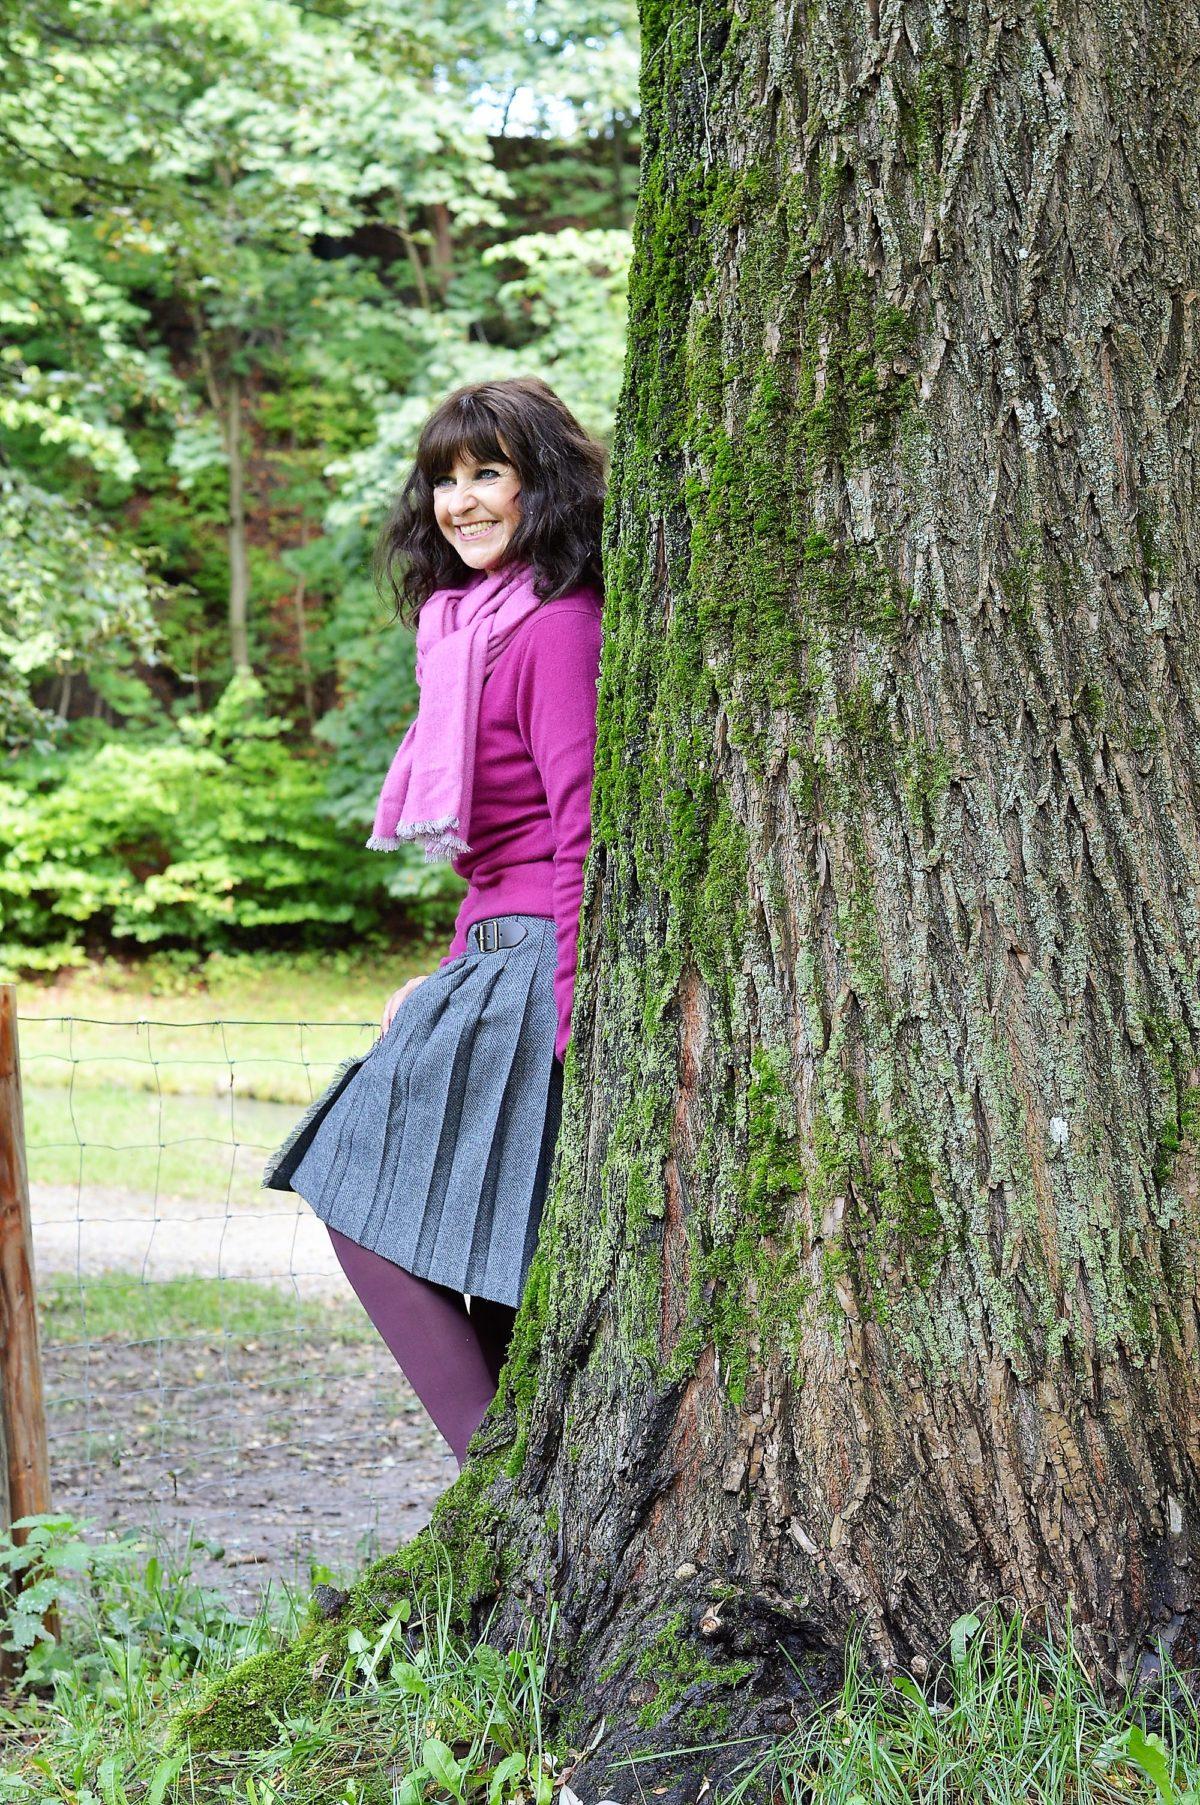 Kilt am Baum